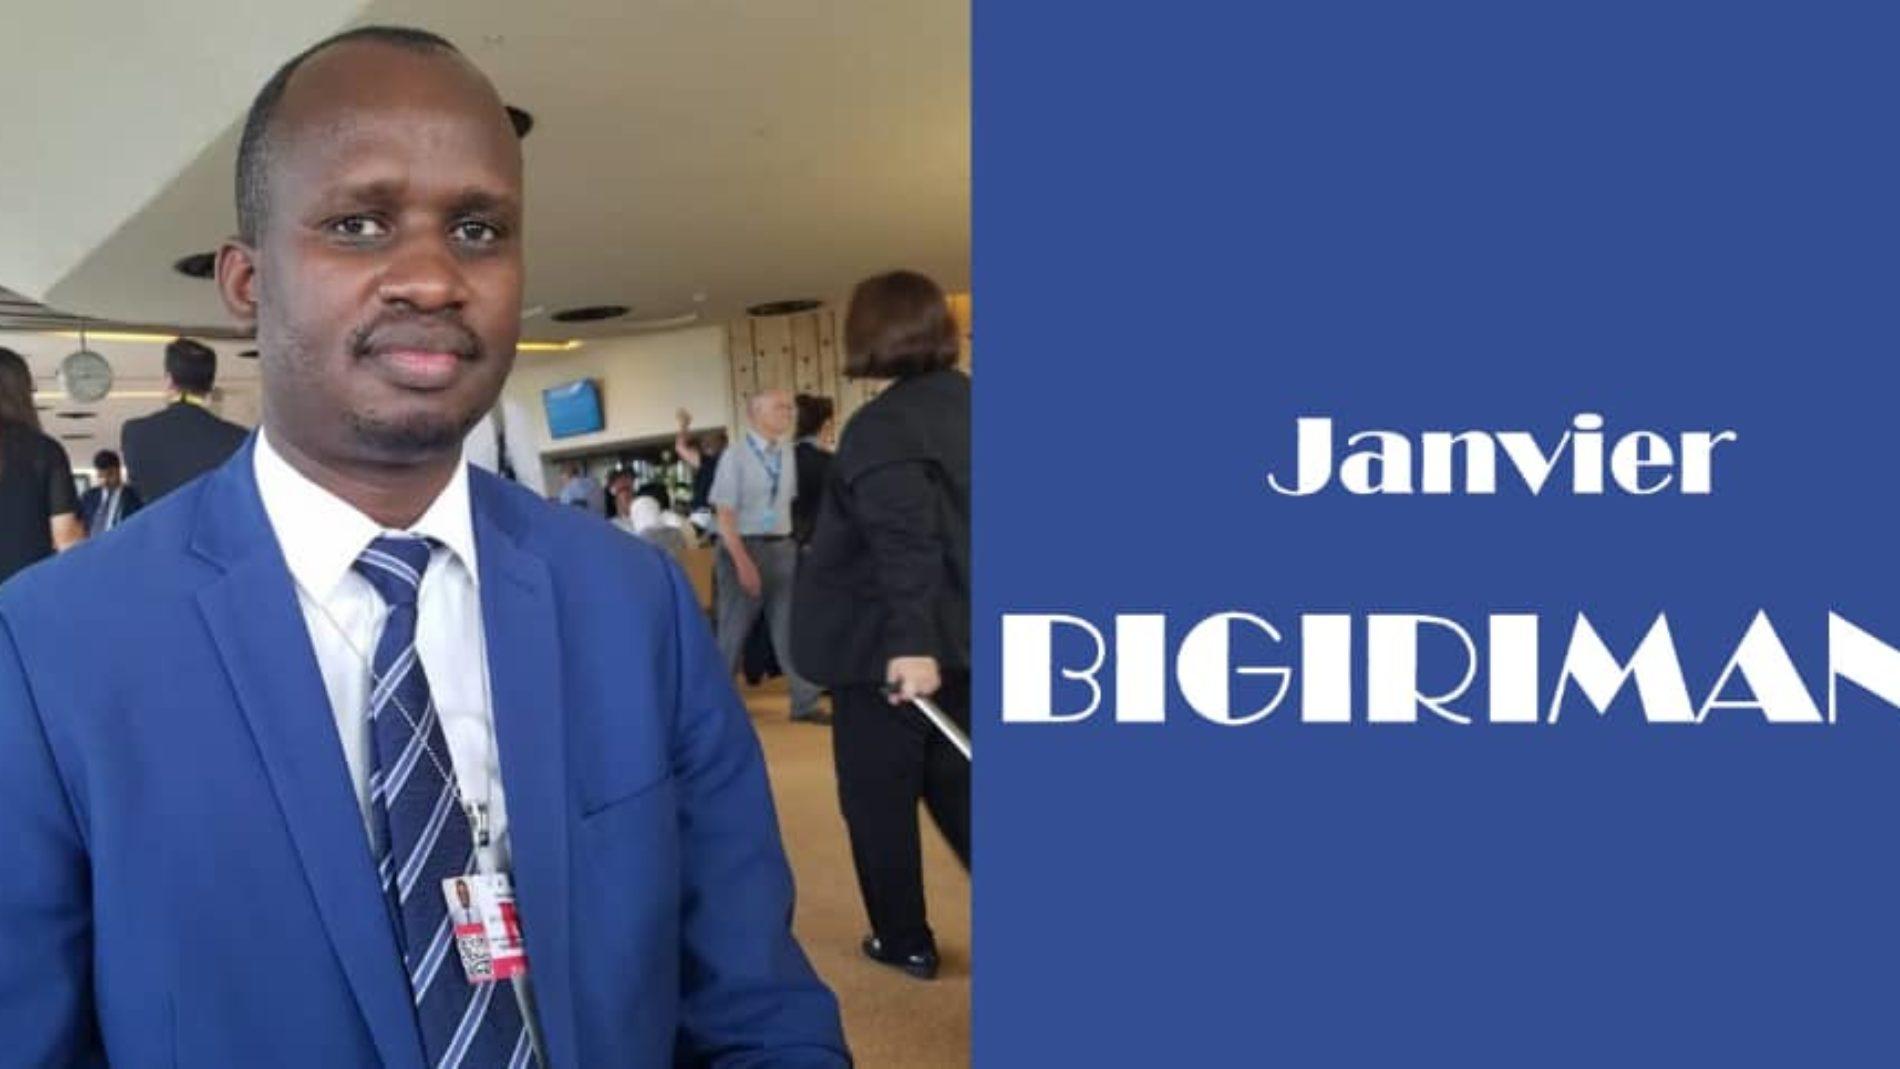 «les élections de 2020 nous réservent plusieurs surprises» (Me. Janvier Bigirimana)